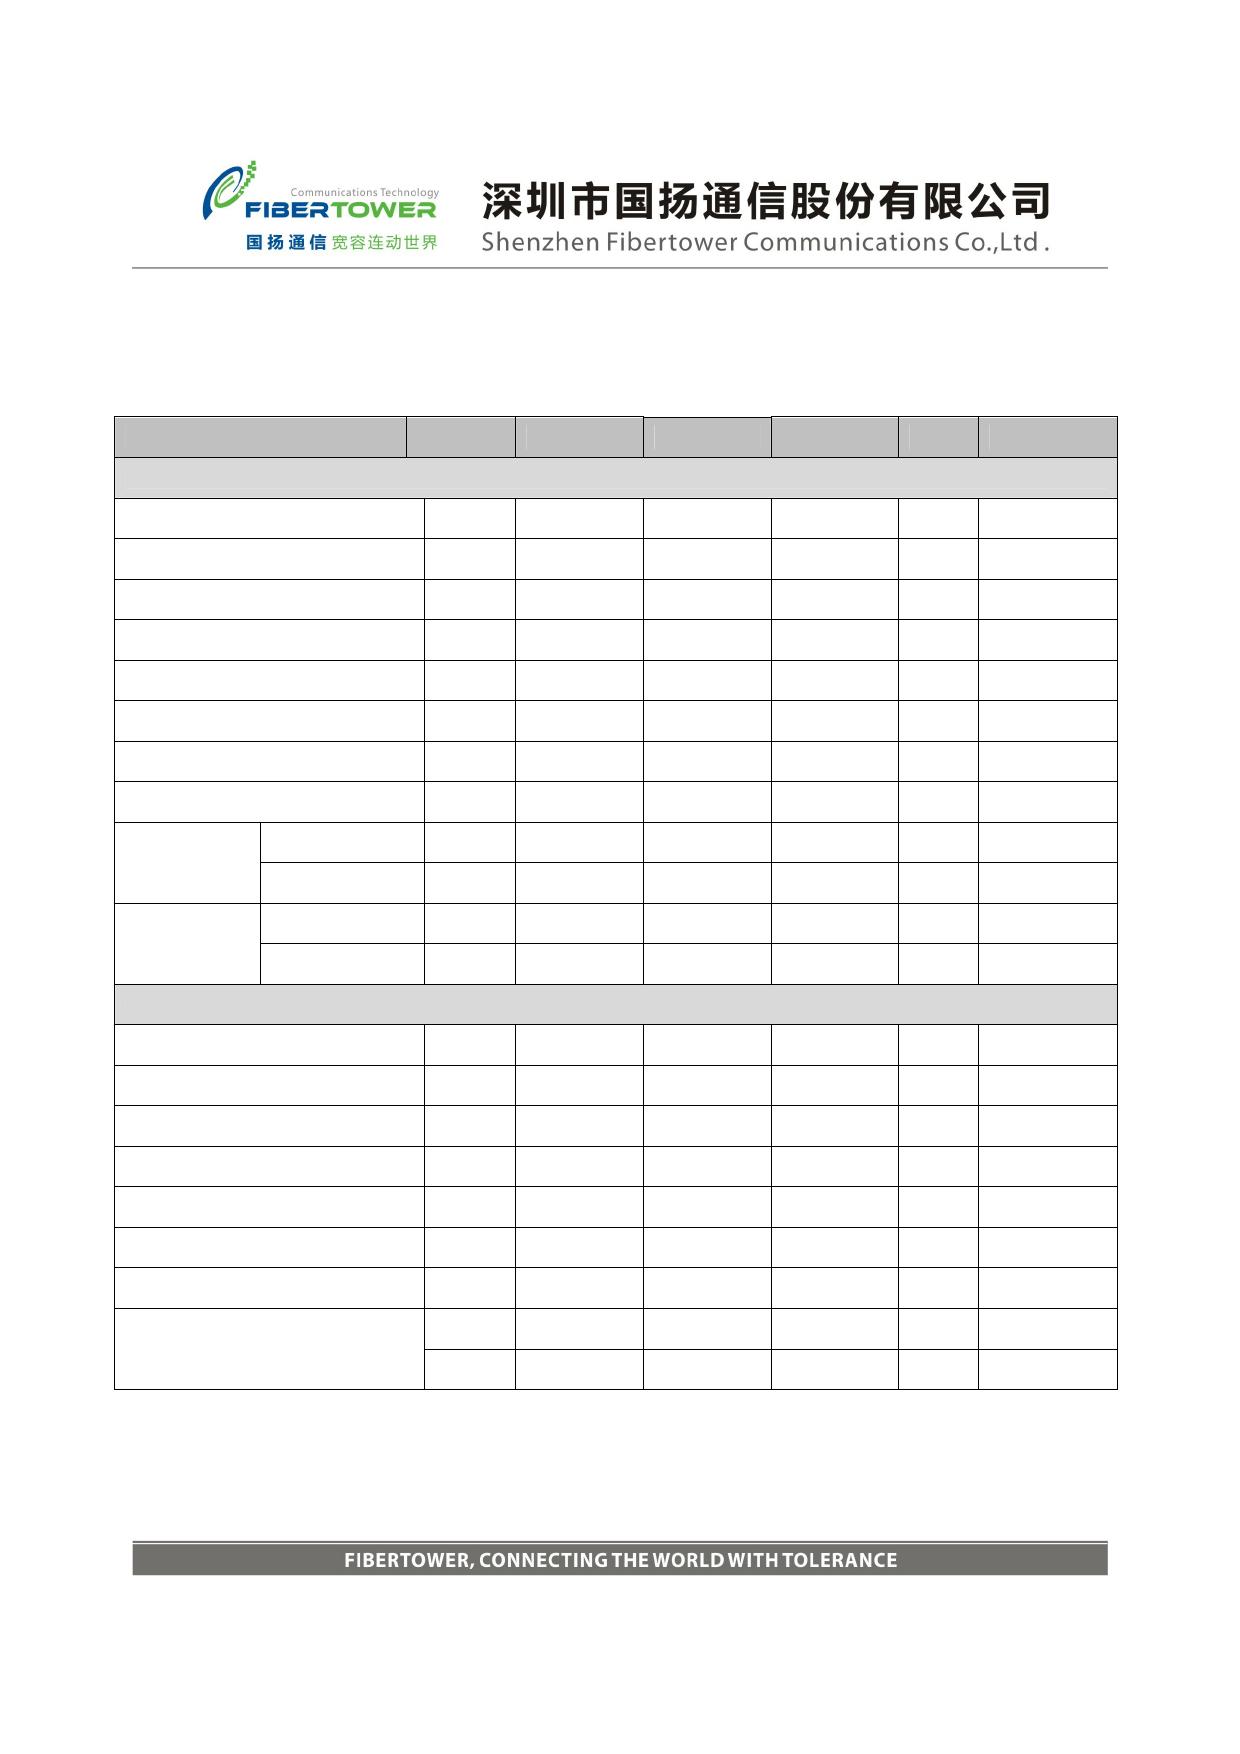 FSP3148-L2DC pdf, 電子部品, 半導体, ピン配列